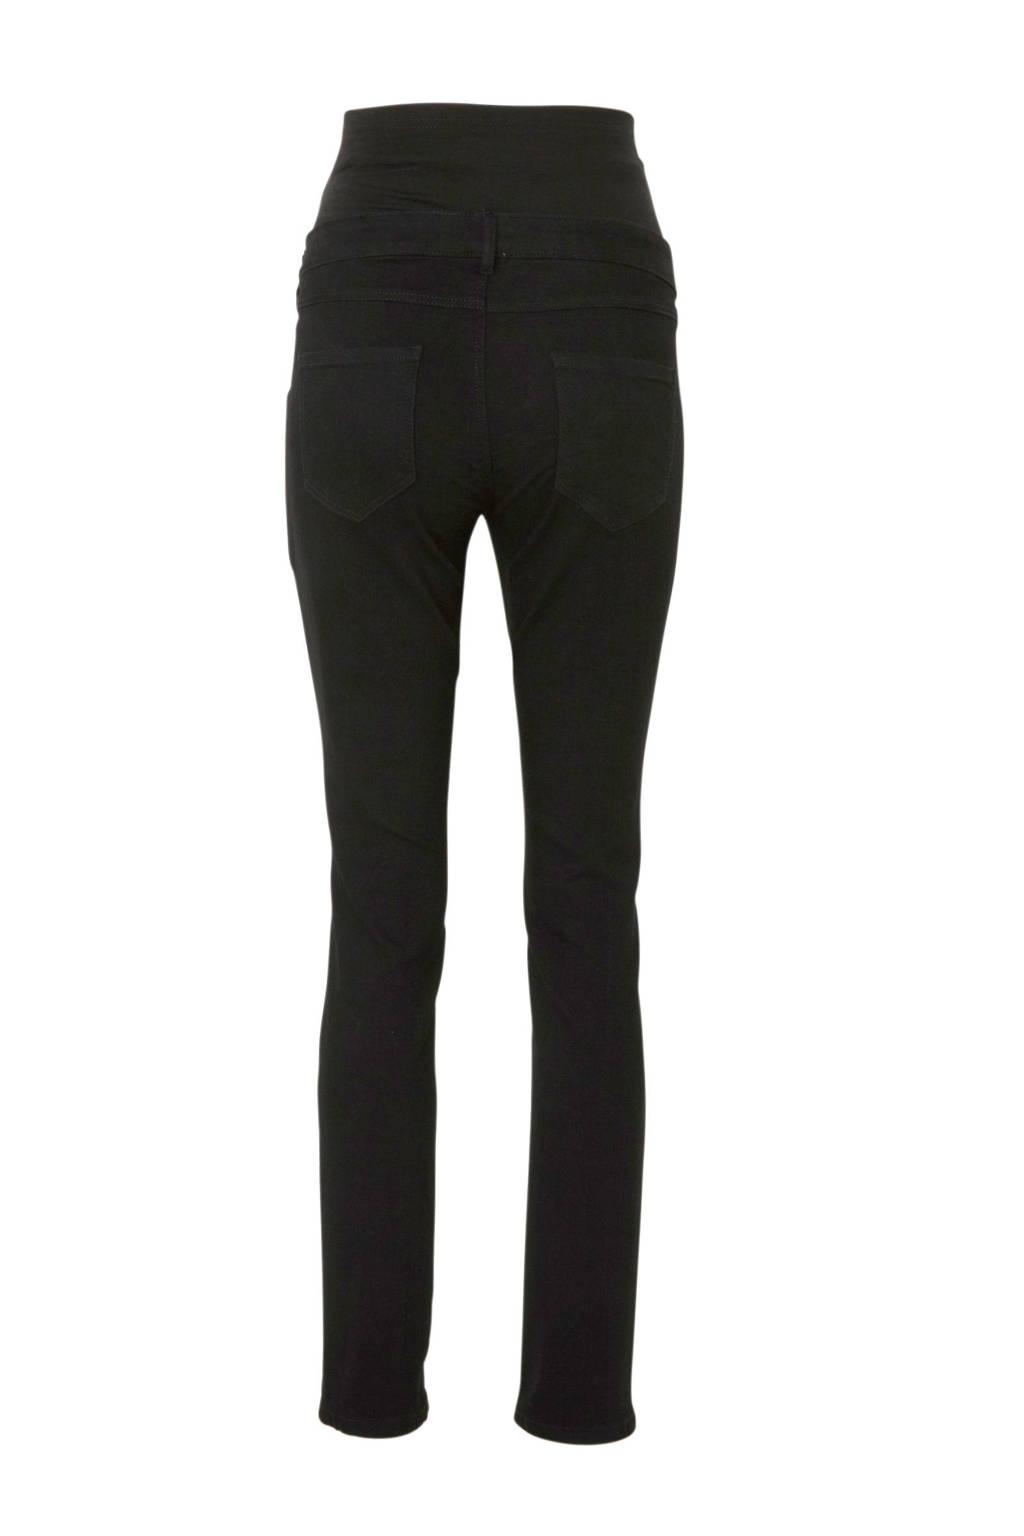 C&A The Denim low waist skinny zwangerschapsbroek zwart, Zwart